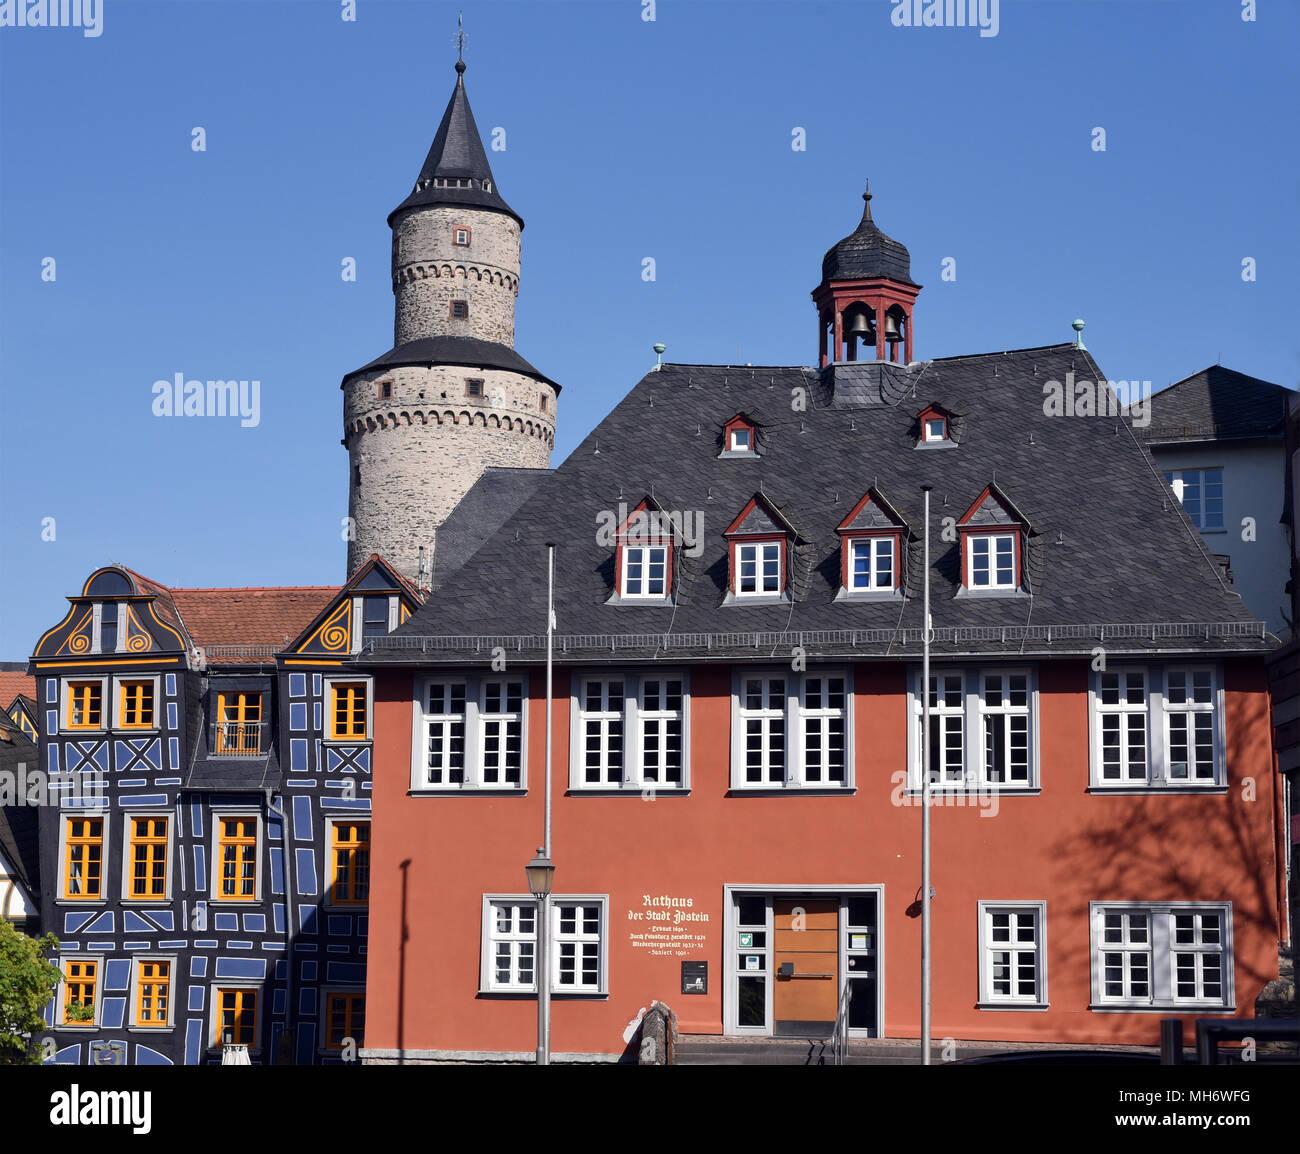 Rathaus, Hexenturm, Bergfried, Das Schiefe Haus, Altstadt, Idstein Stock Photo